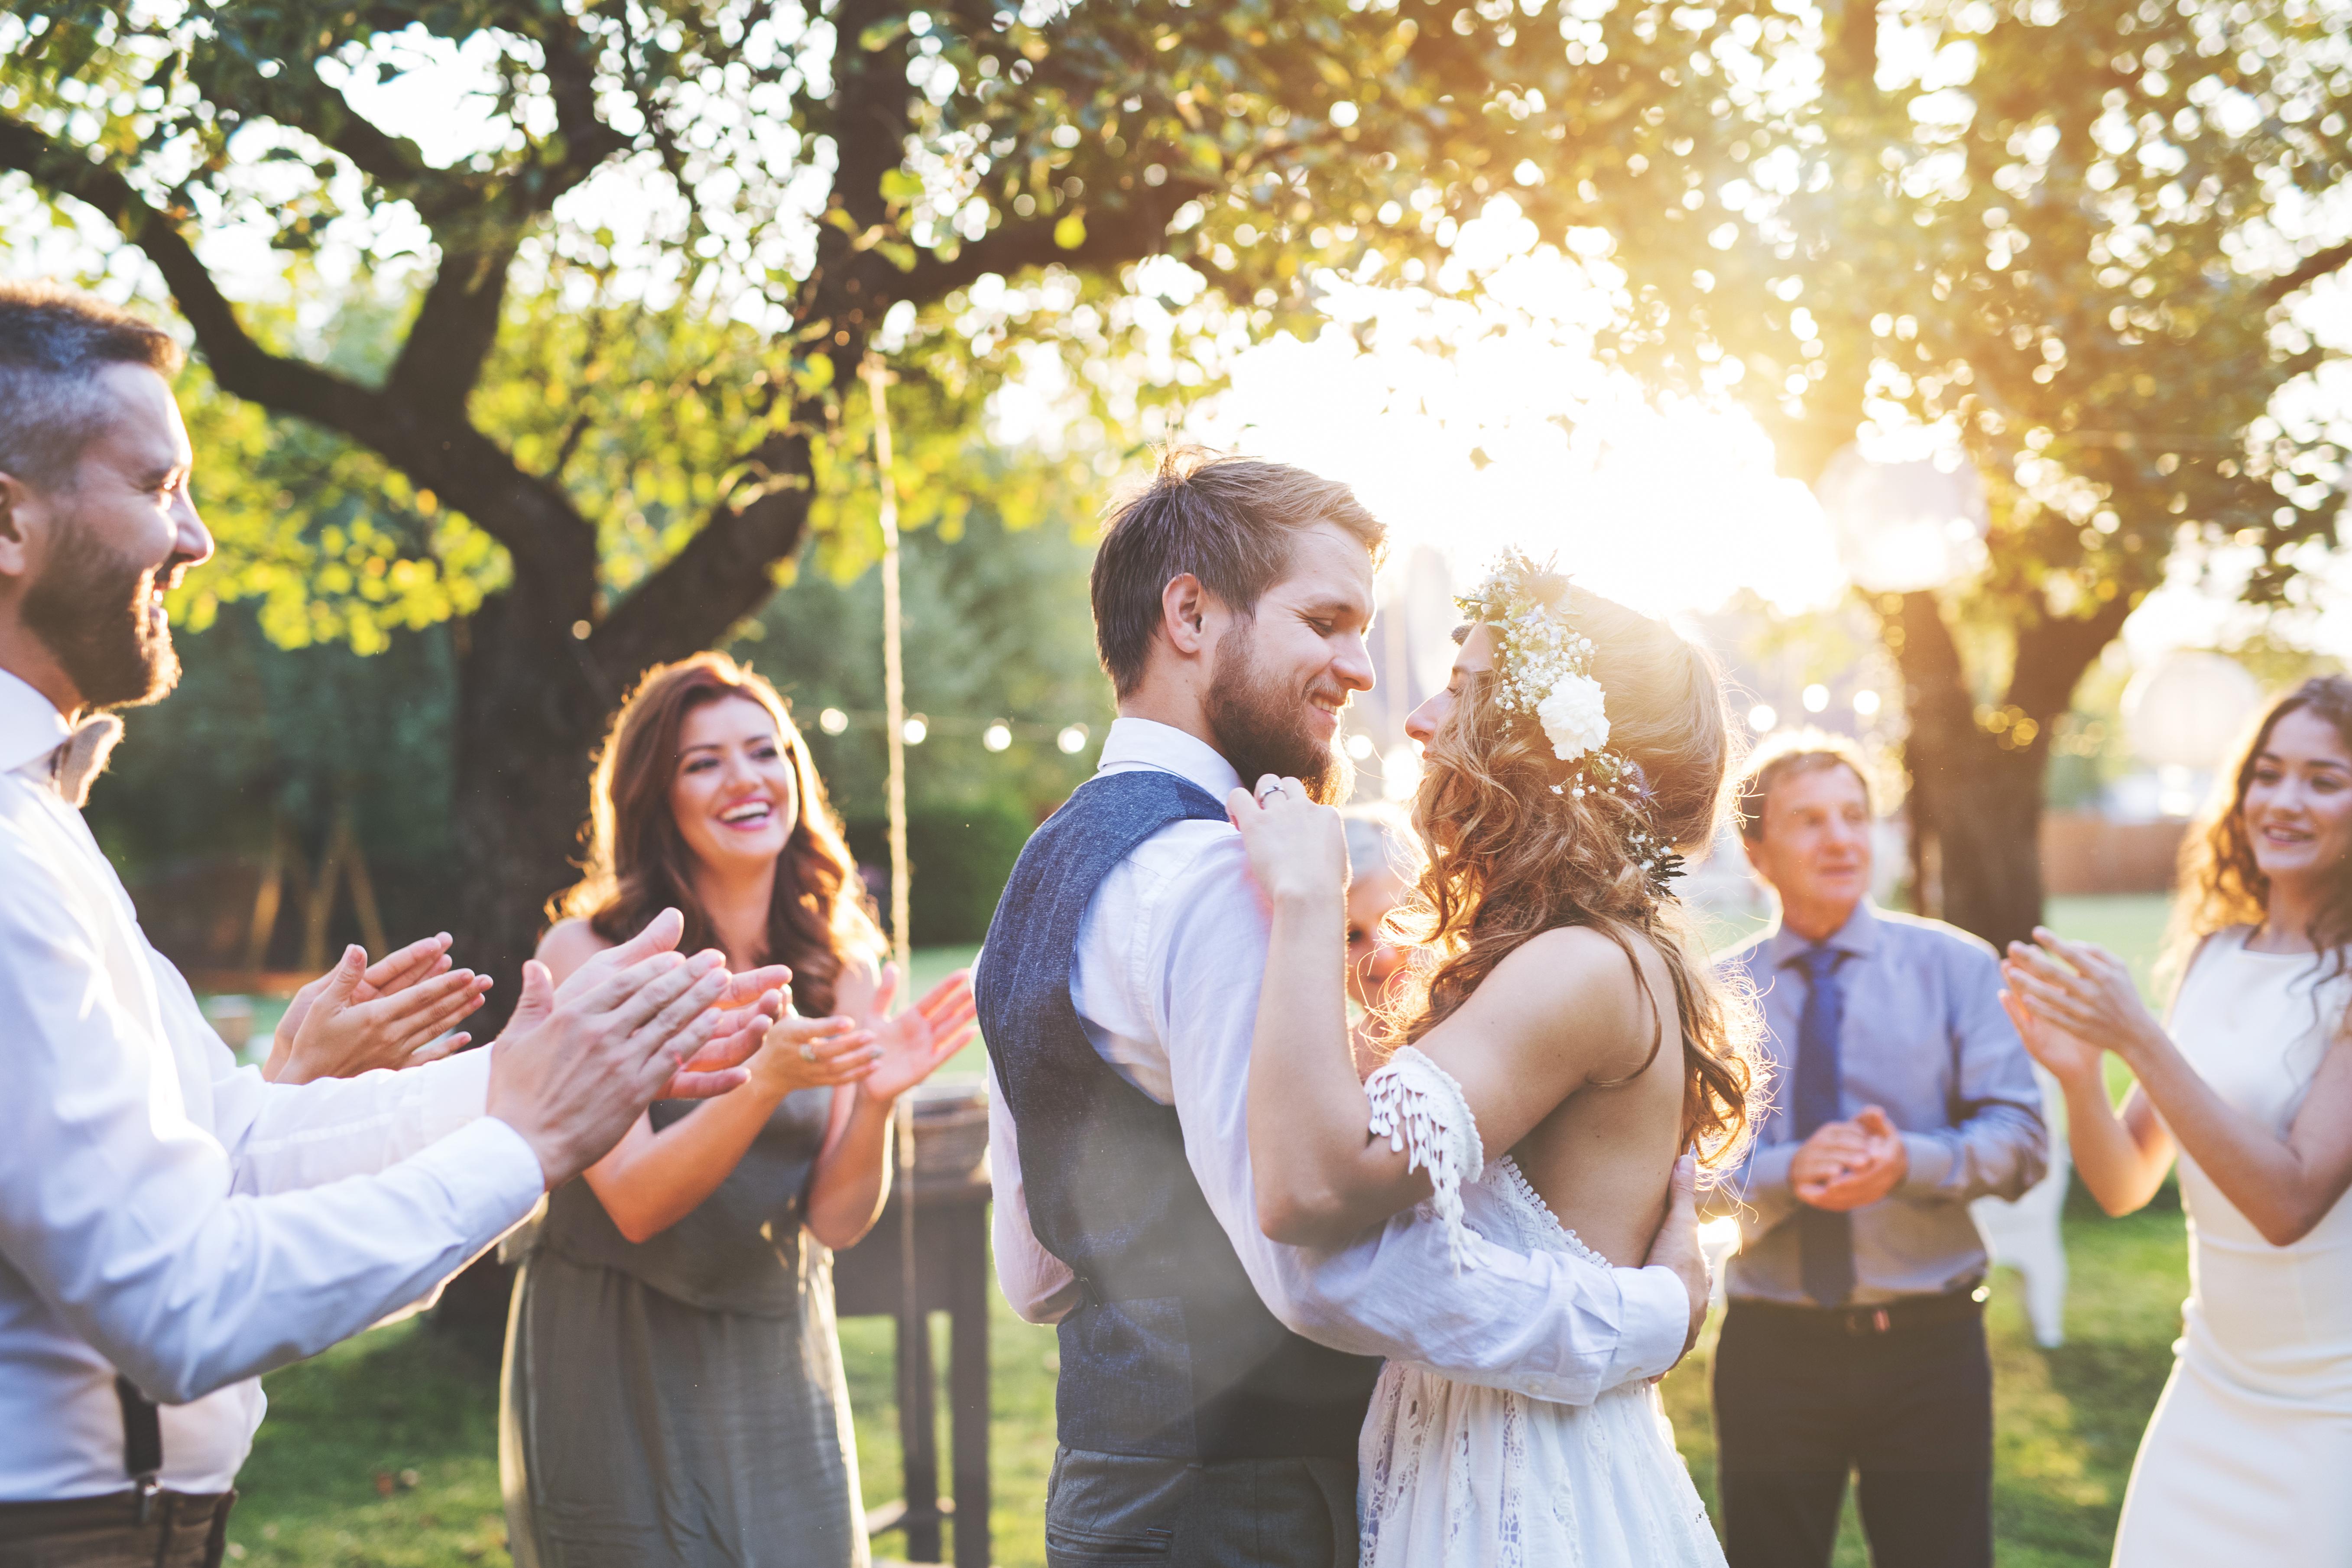 Дзе бяруць найбольш шлюбаў адносна колькасьці насельніцтва?